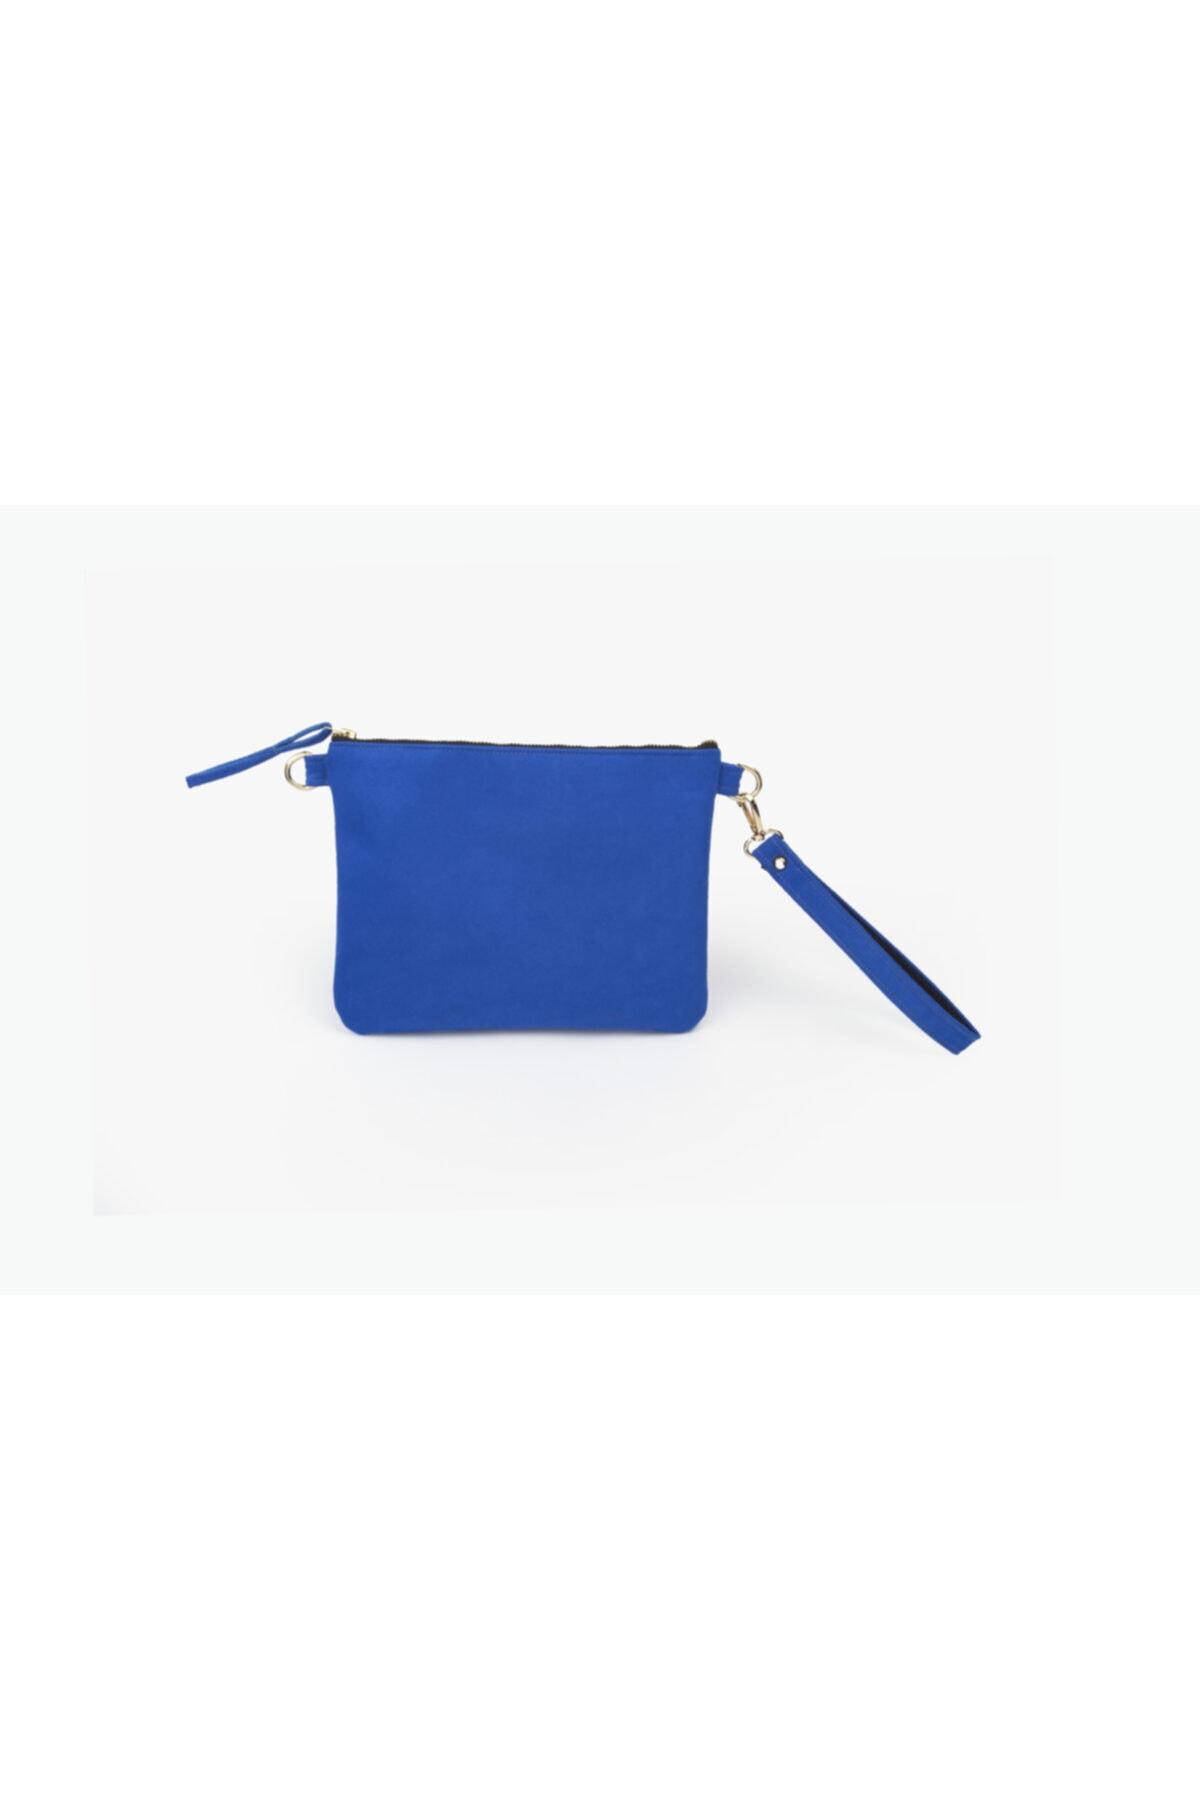 فروش کیف دستی زنانه 2020 برند celmonster رنگ آبی کد ty99407850